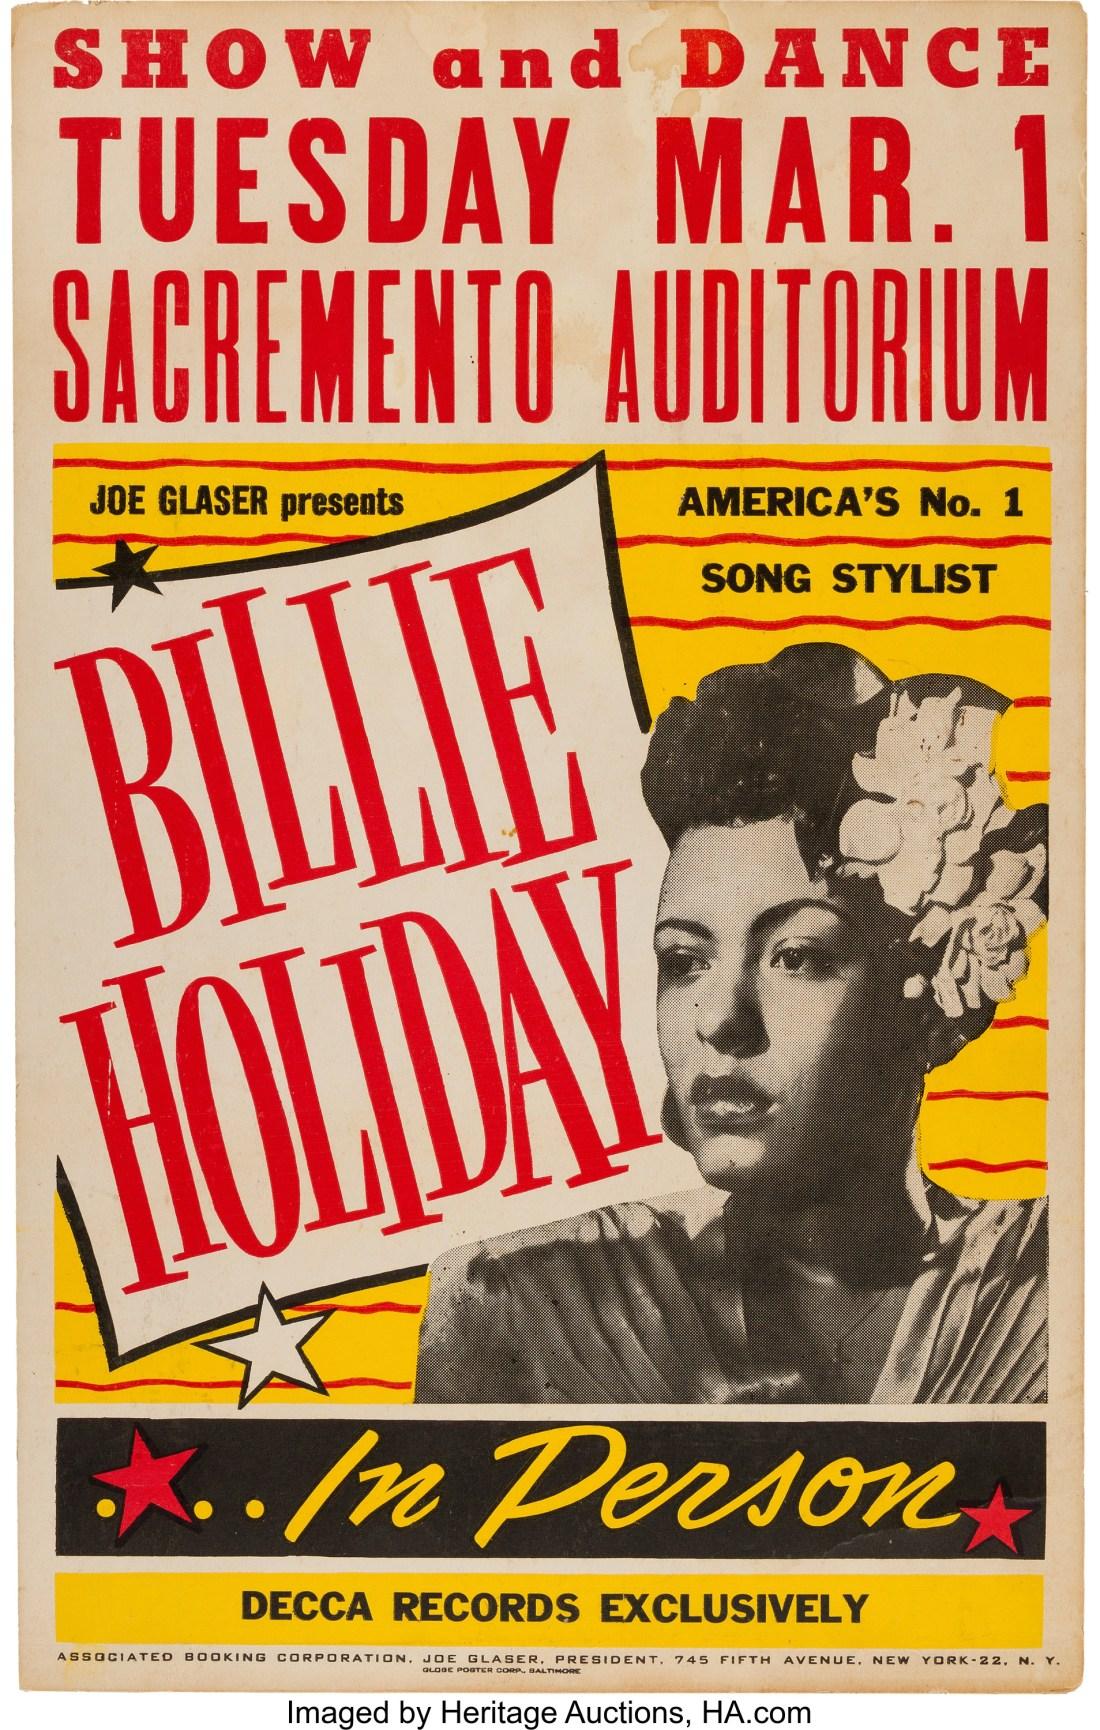 A vintage 1949 concert poster for jazz singer Billie Holiday.